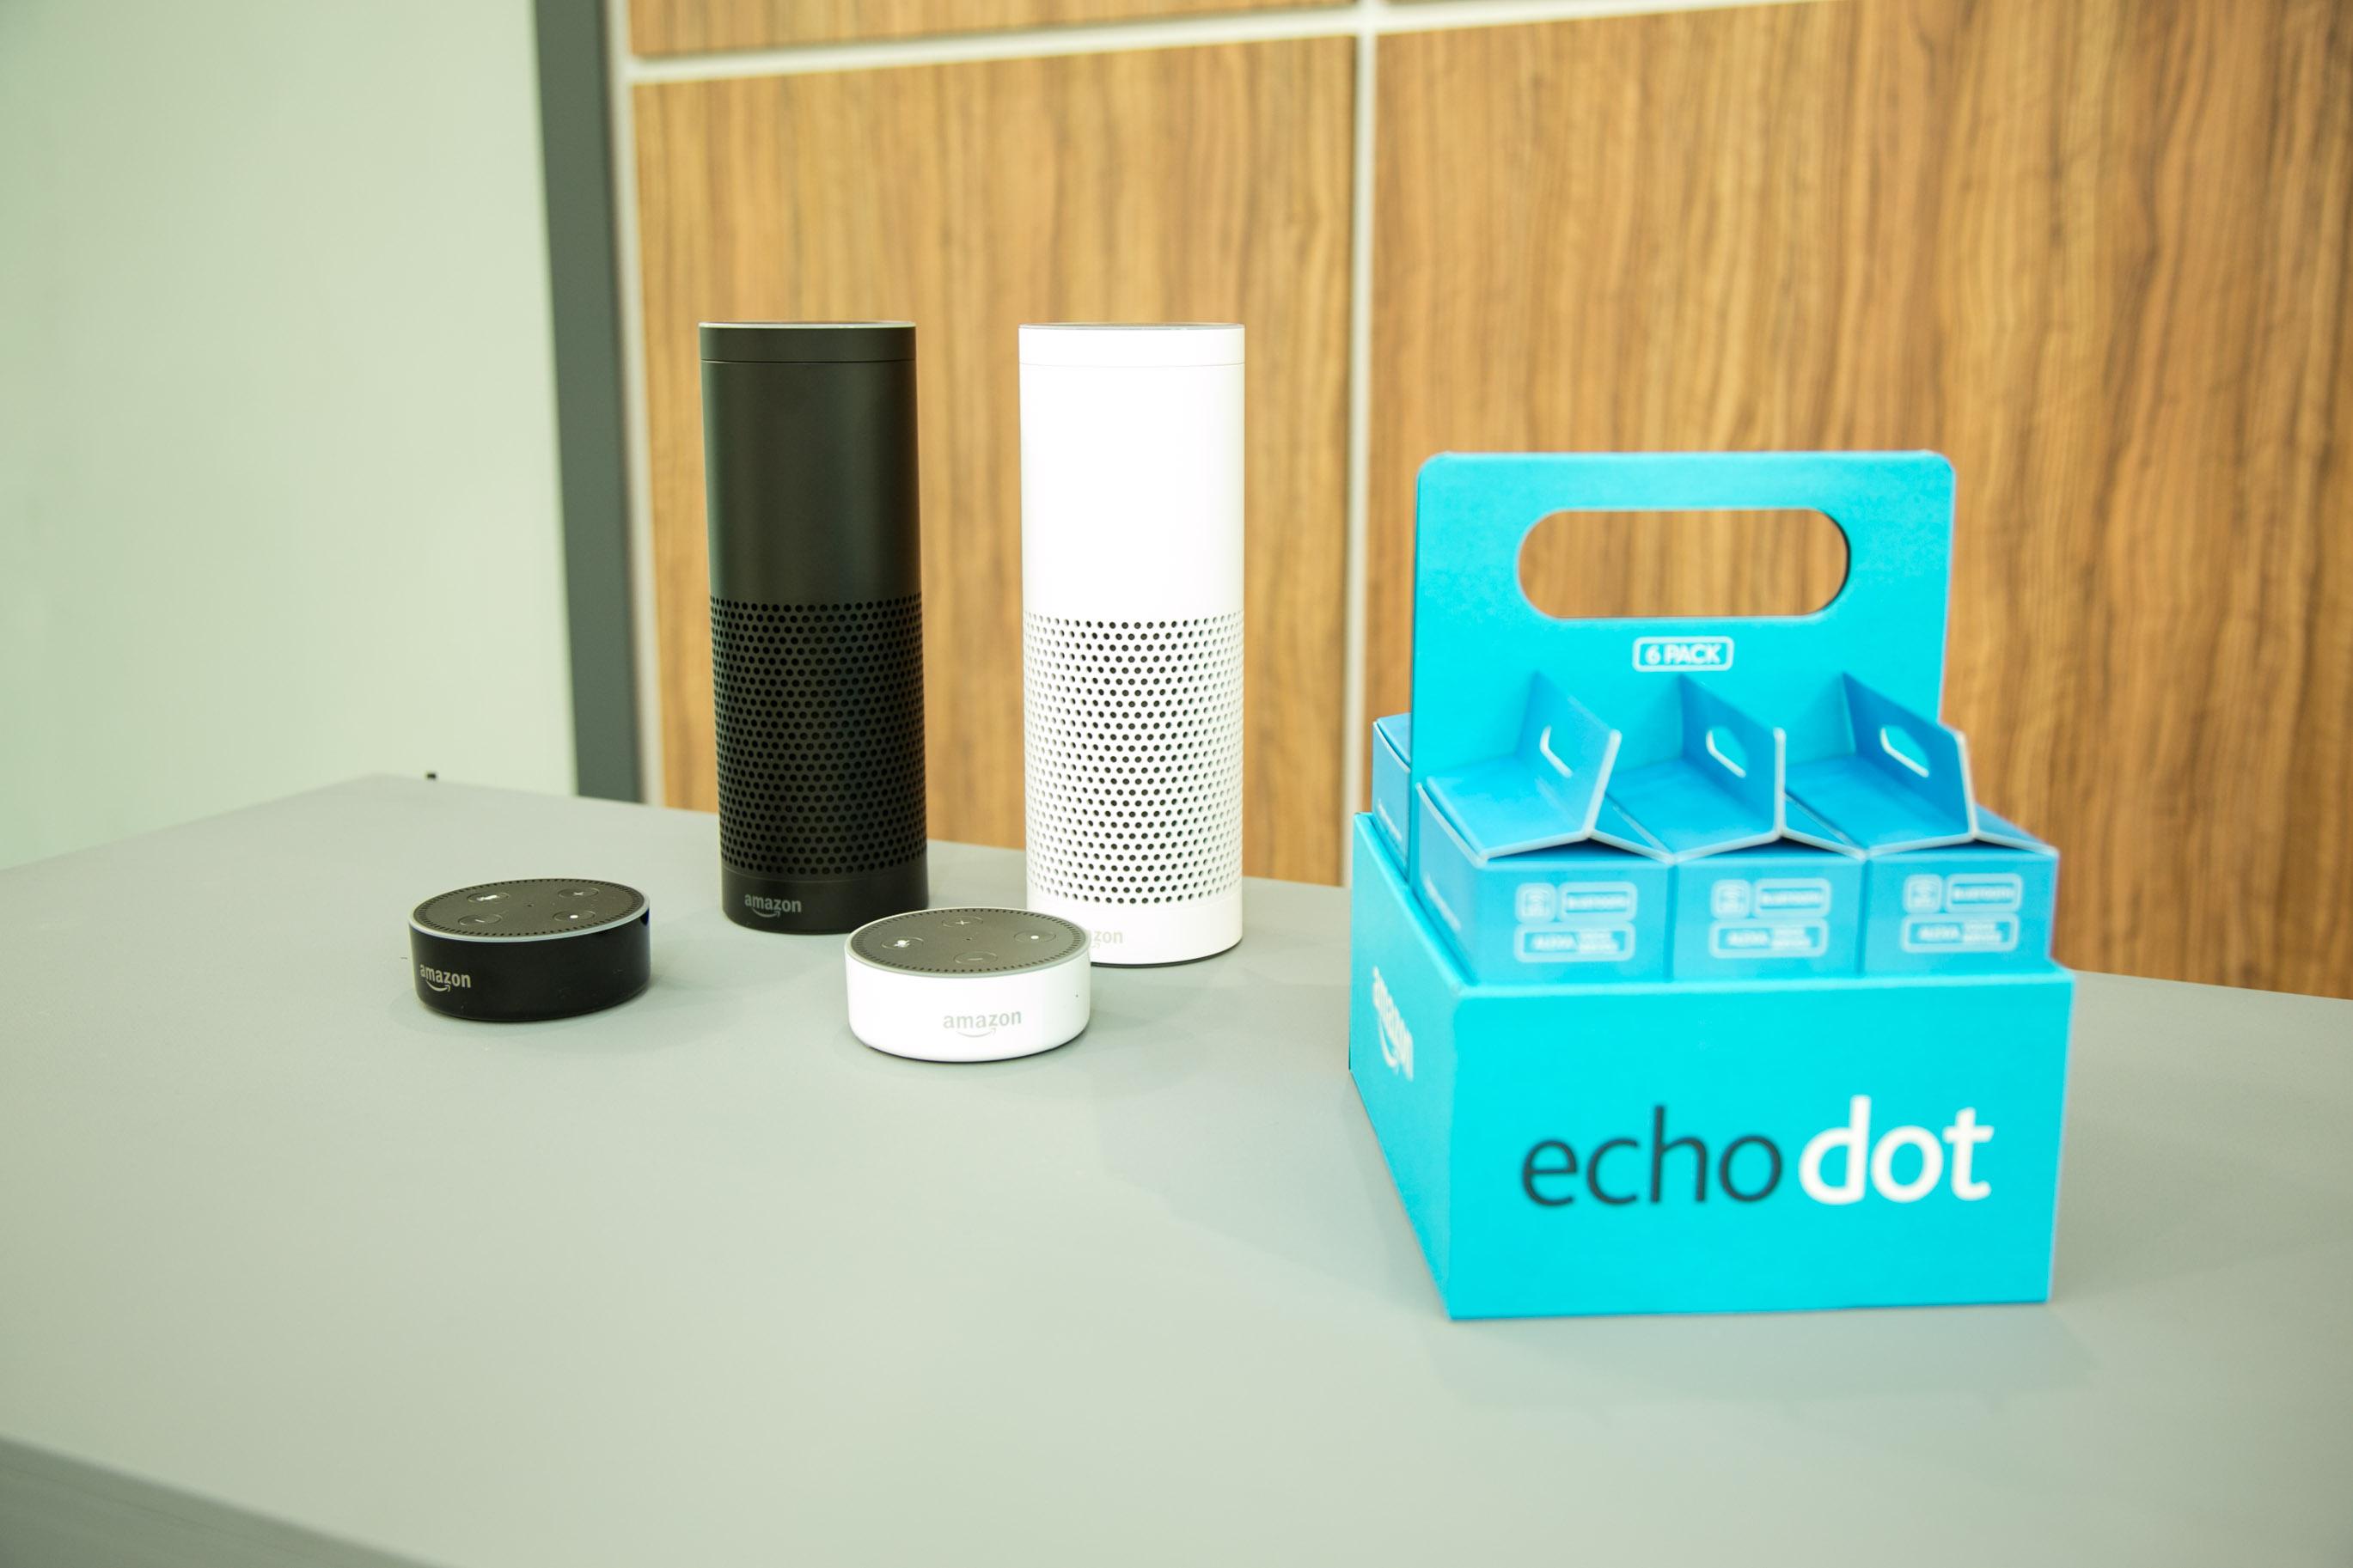 Echo und Echo Dot im Hands on: Amazons Alexa klingt auf Deutsch schon sehr gut - Echo Dot soll es sogar als Mehrfachpack geben. (Bild: Amazon)